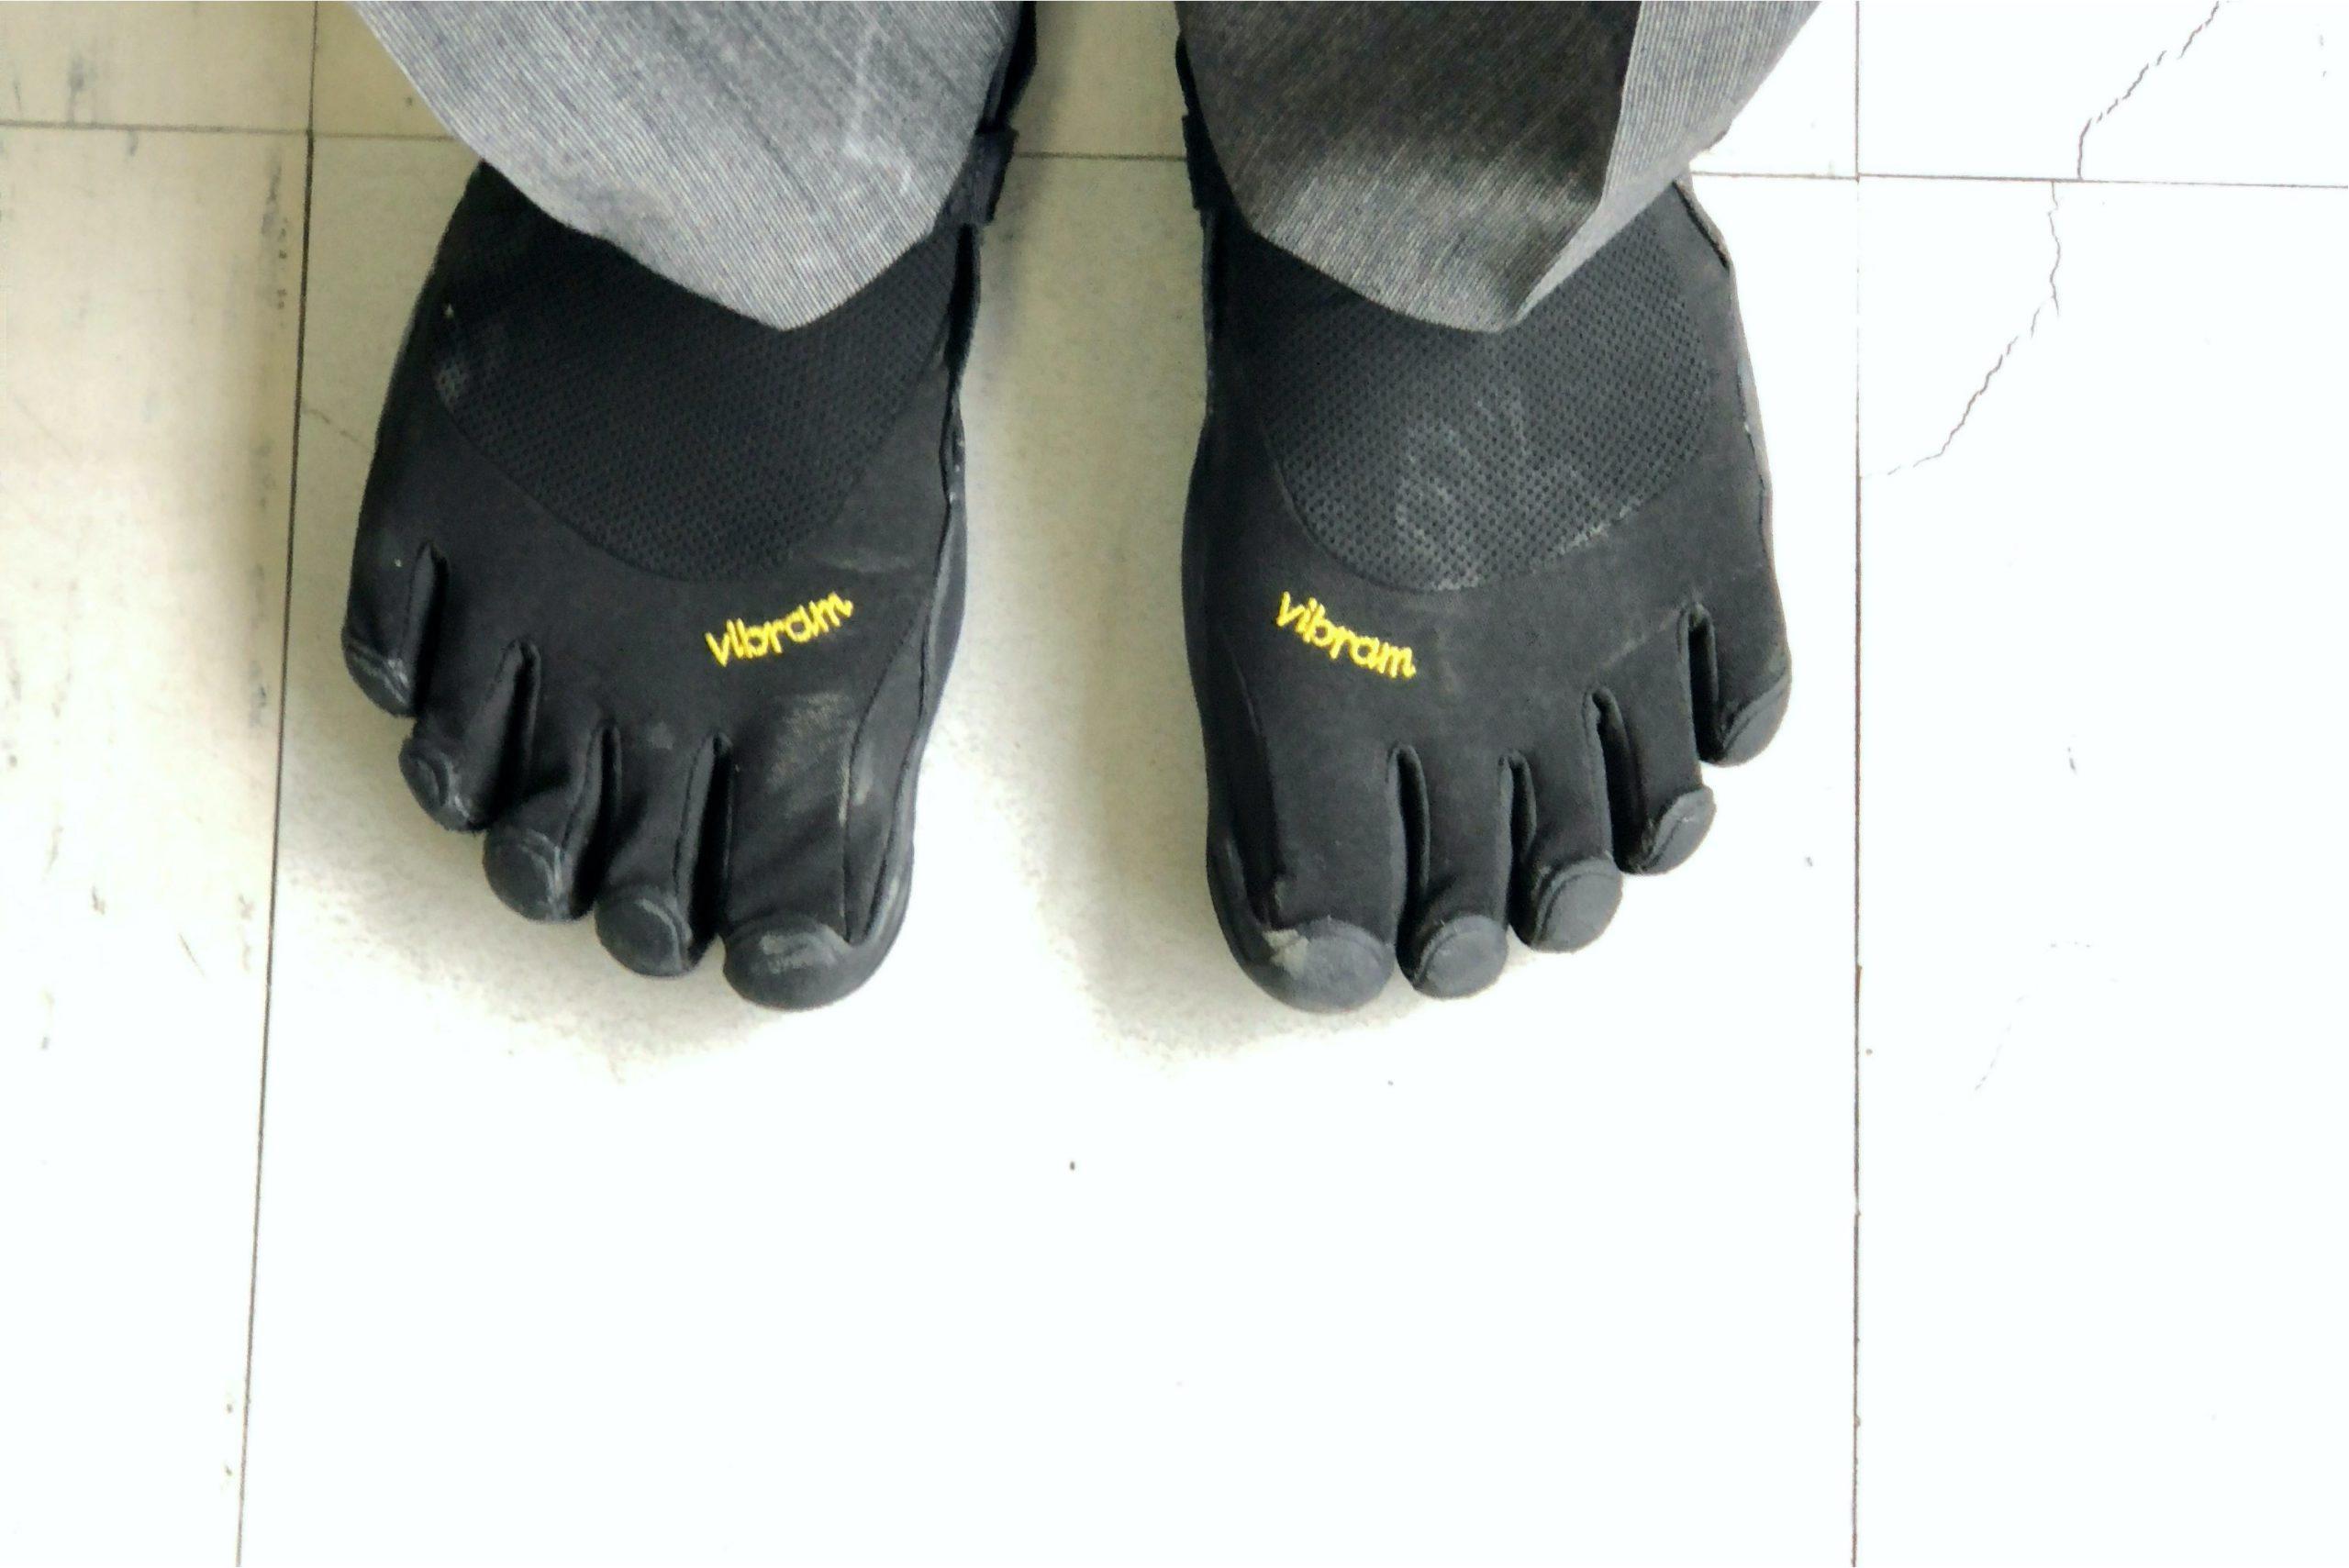 ビブラム・ファイブフィンガーズを履き始めて